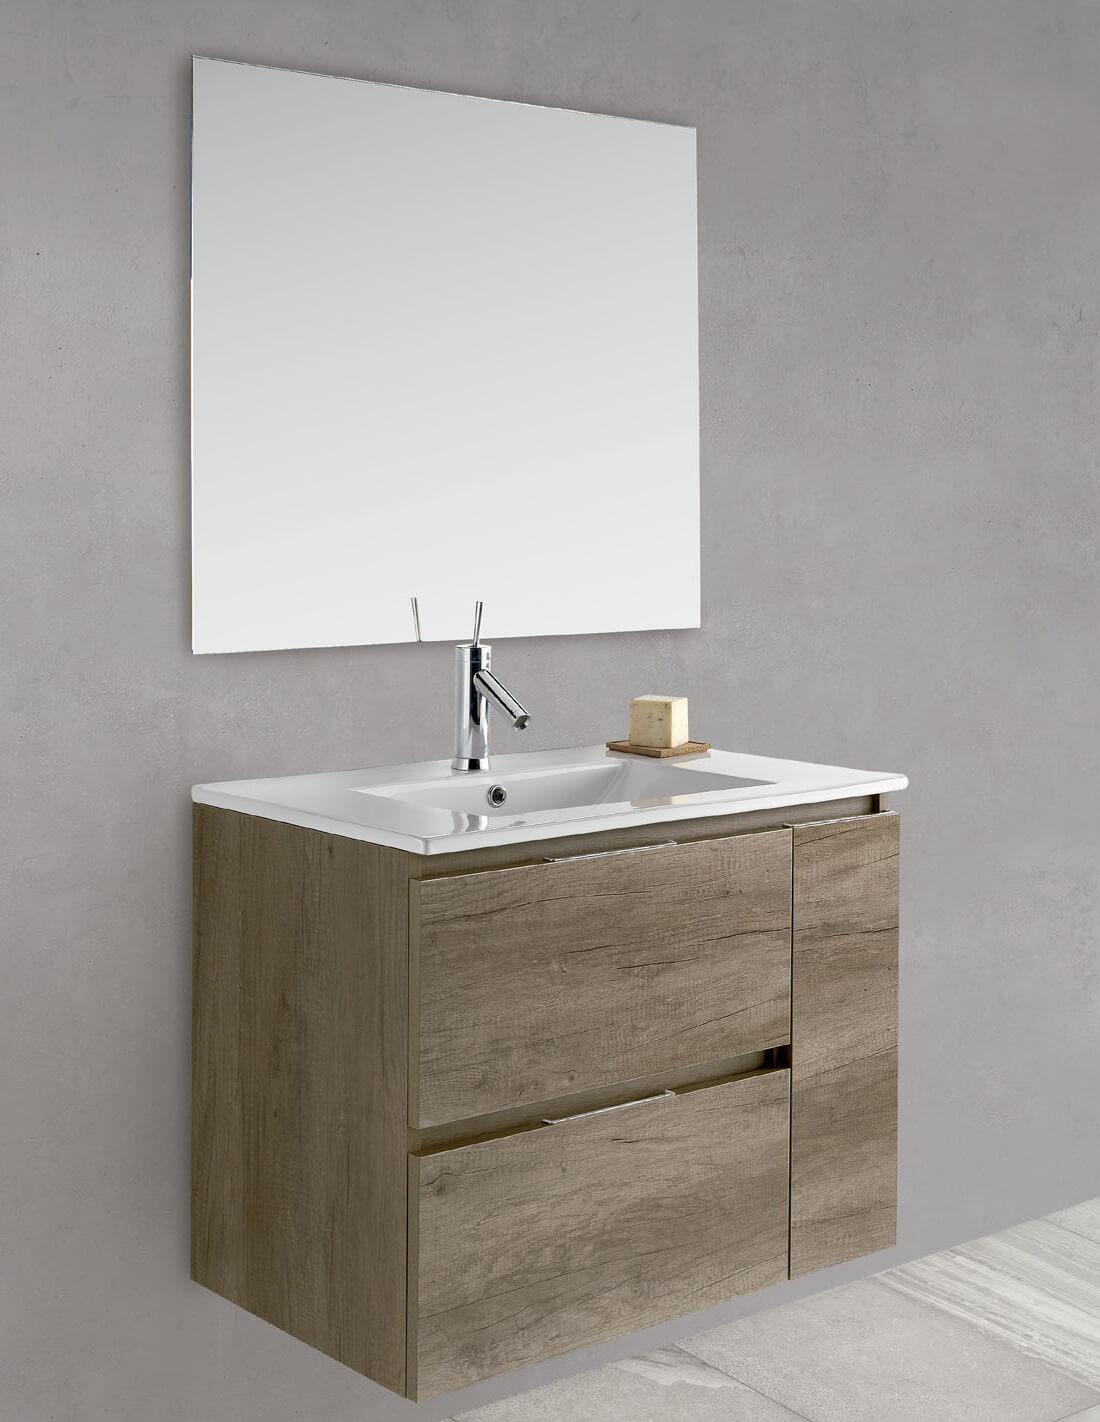 Mueble de baño con fondo reducido sin patas